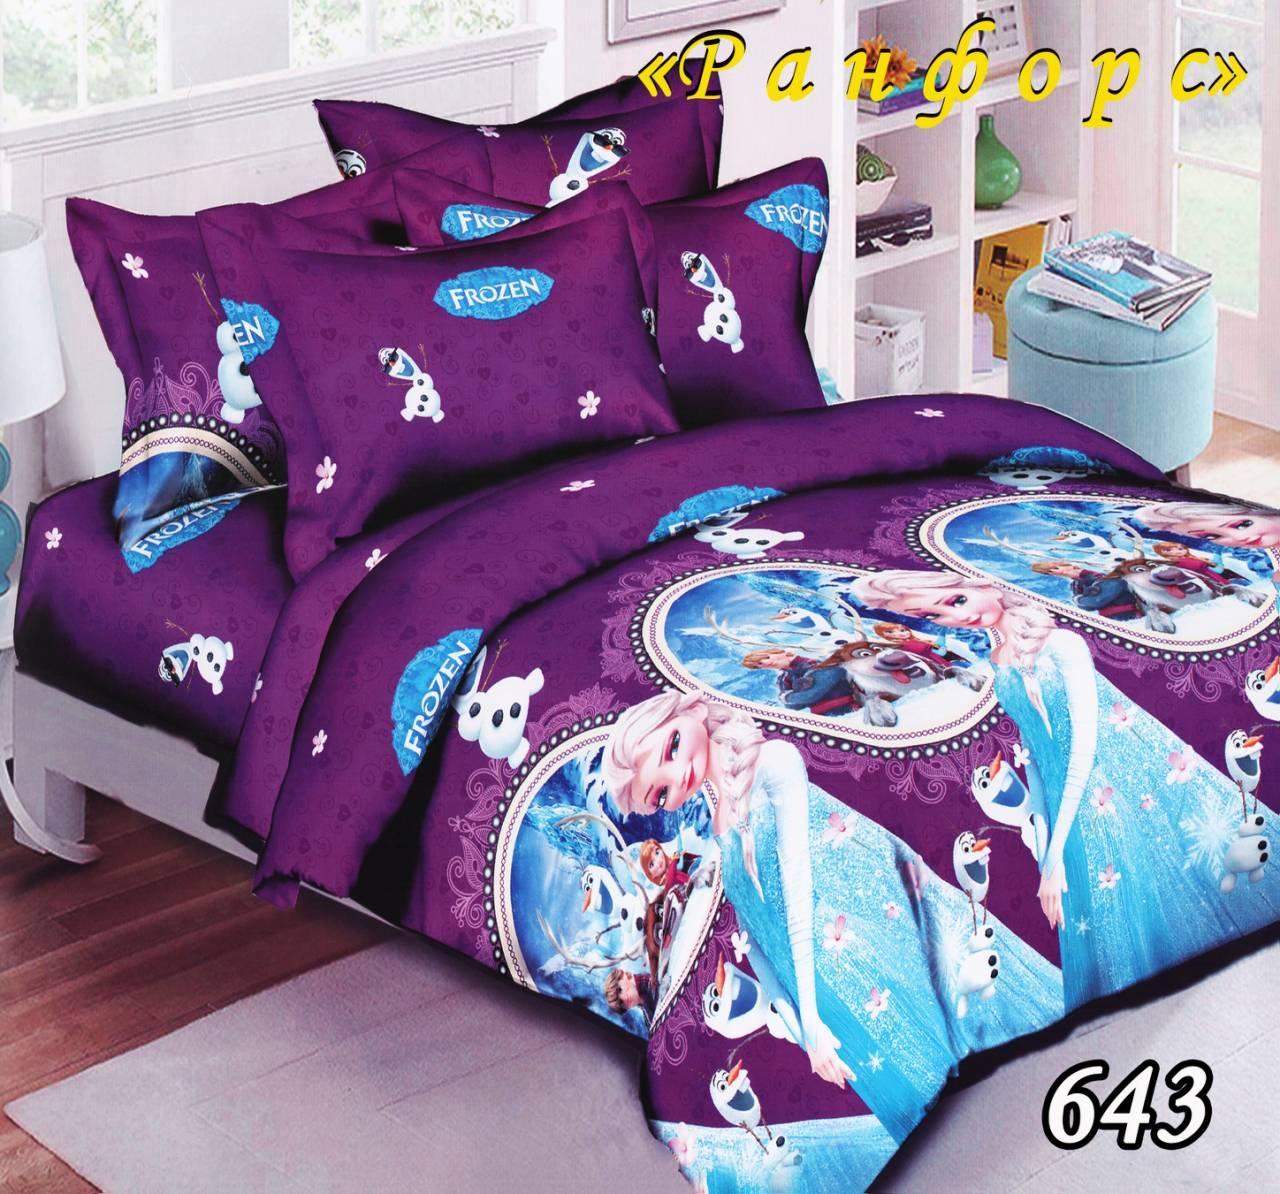 Комплект постельного белья Фроузен 1,5 спальный 150х220